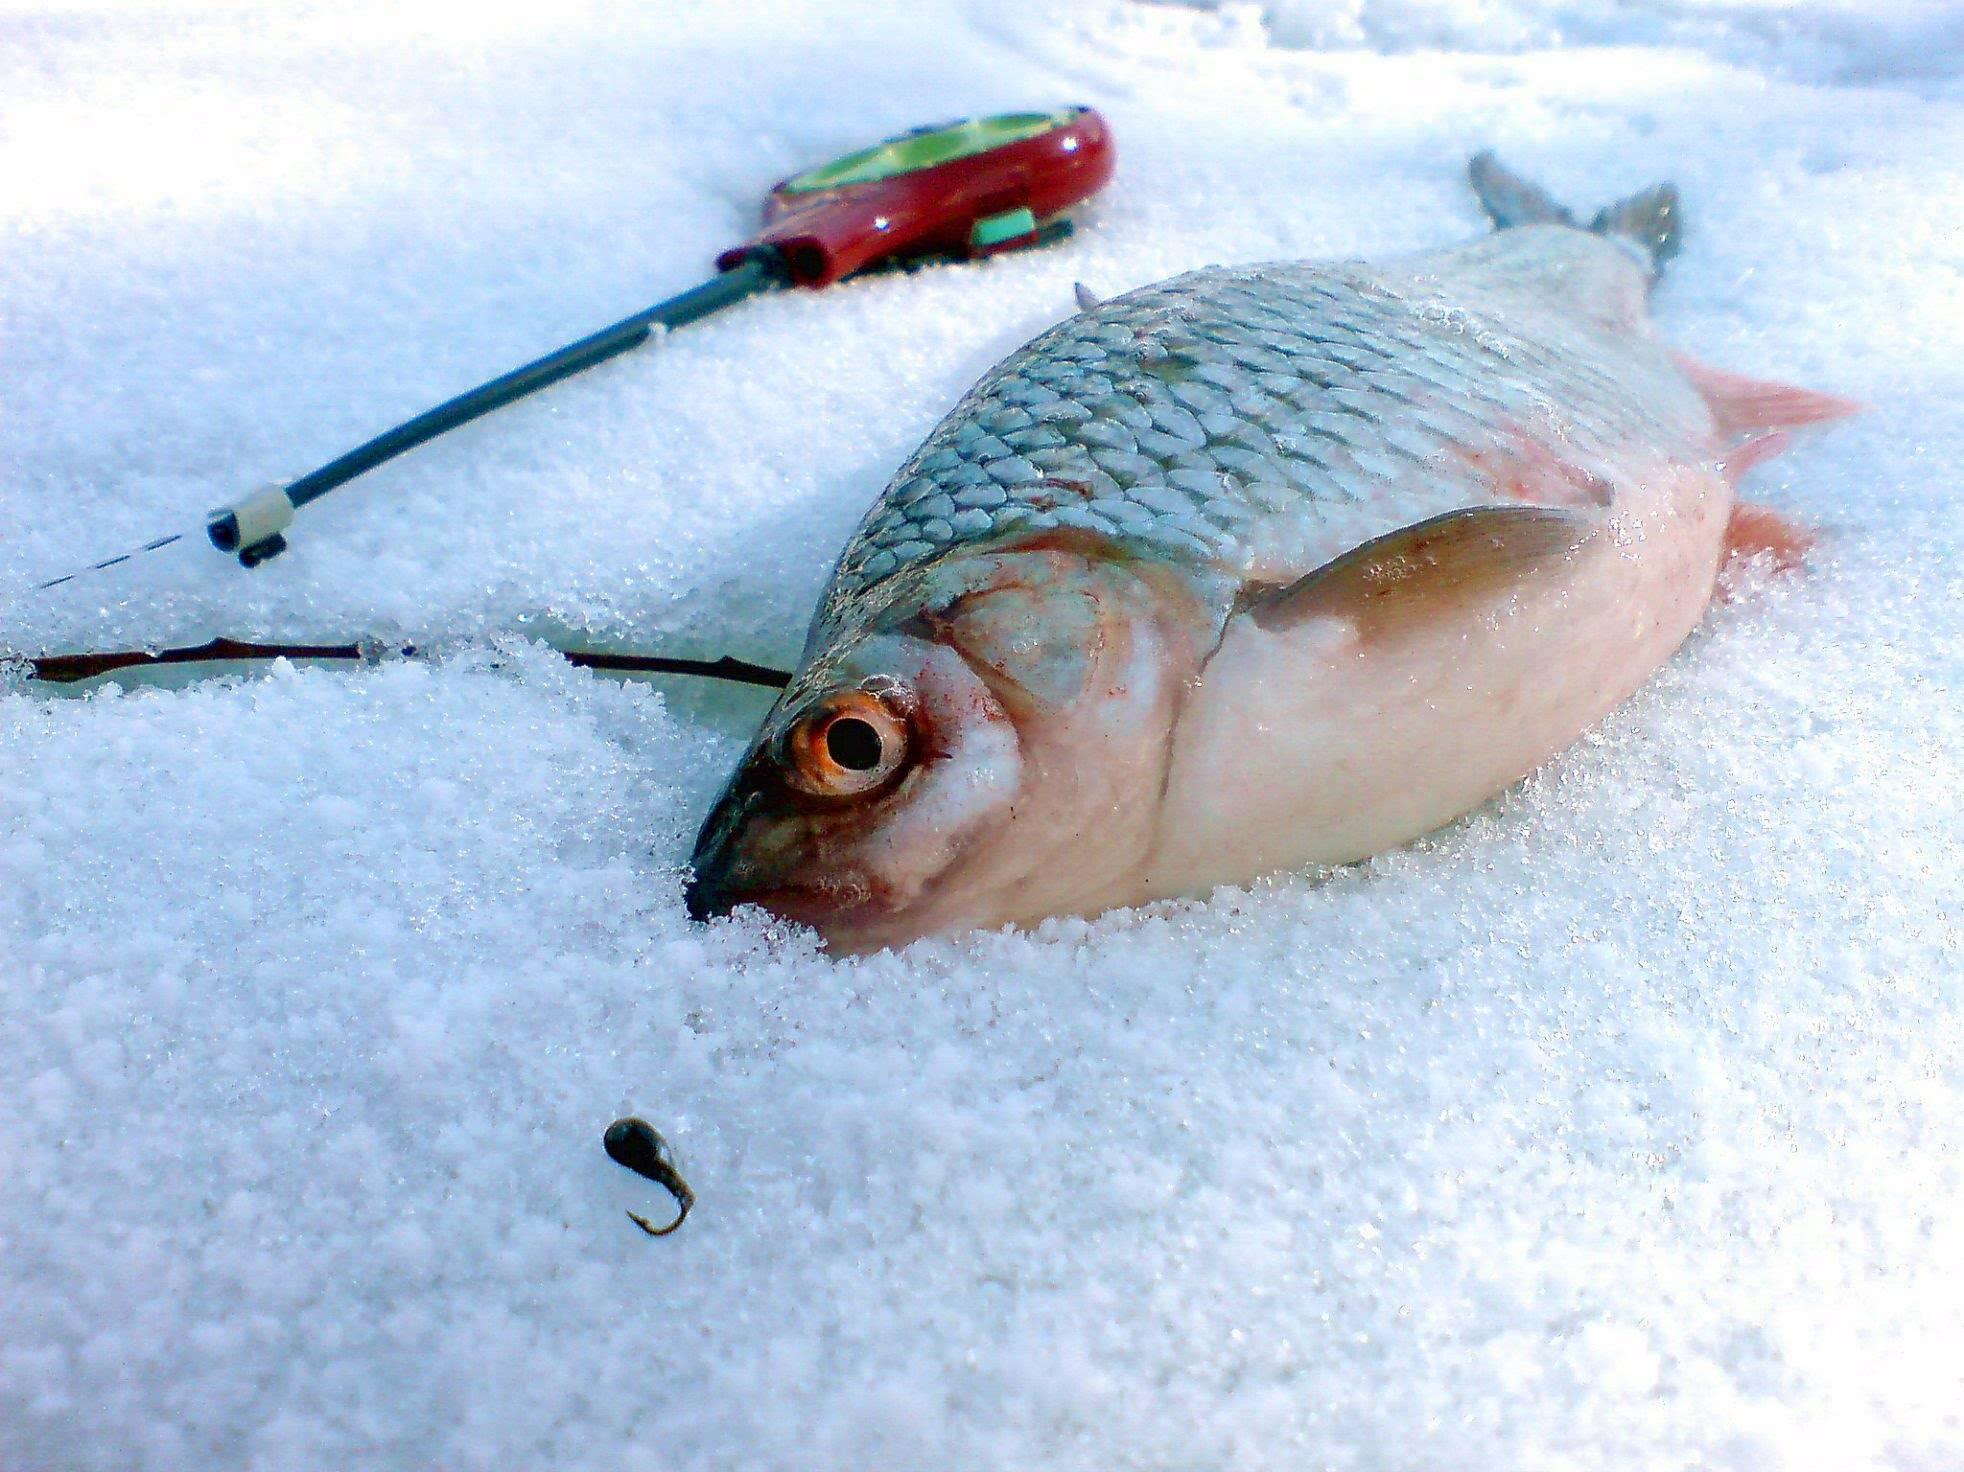 Ловля на черта зимой окуня, леща, плову | зимний чертик